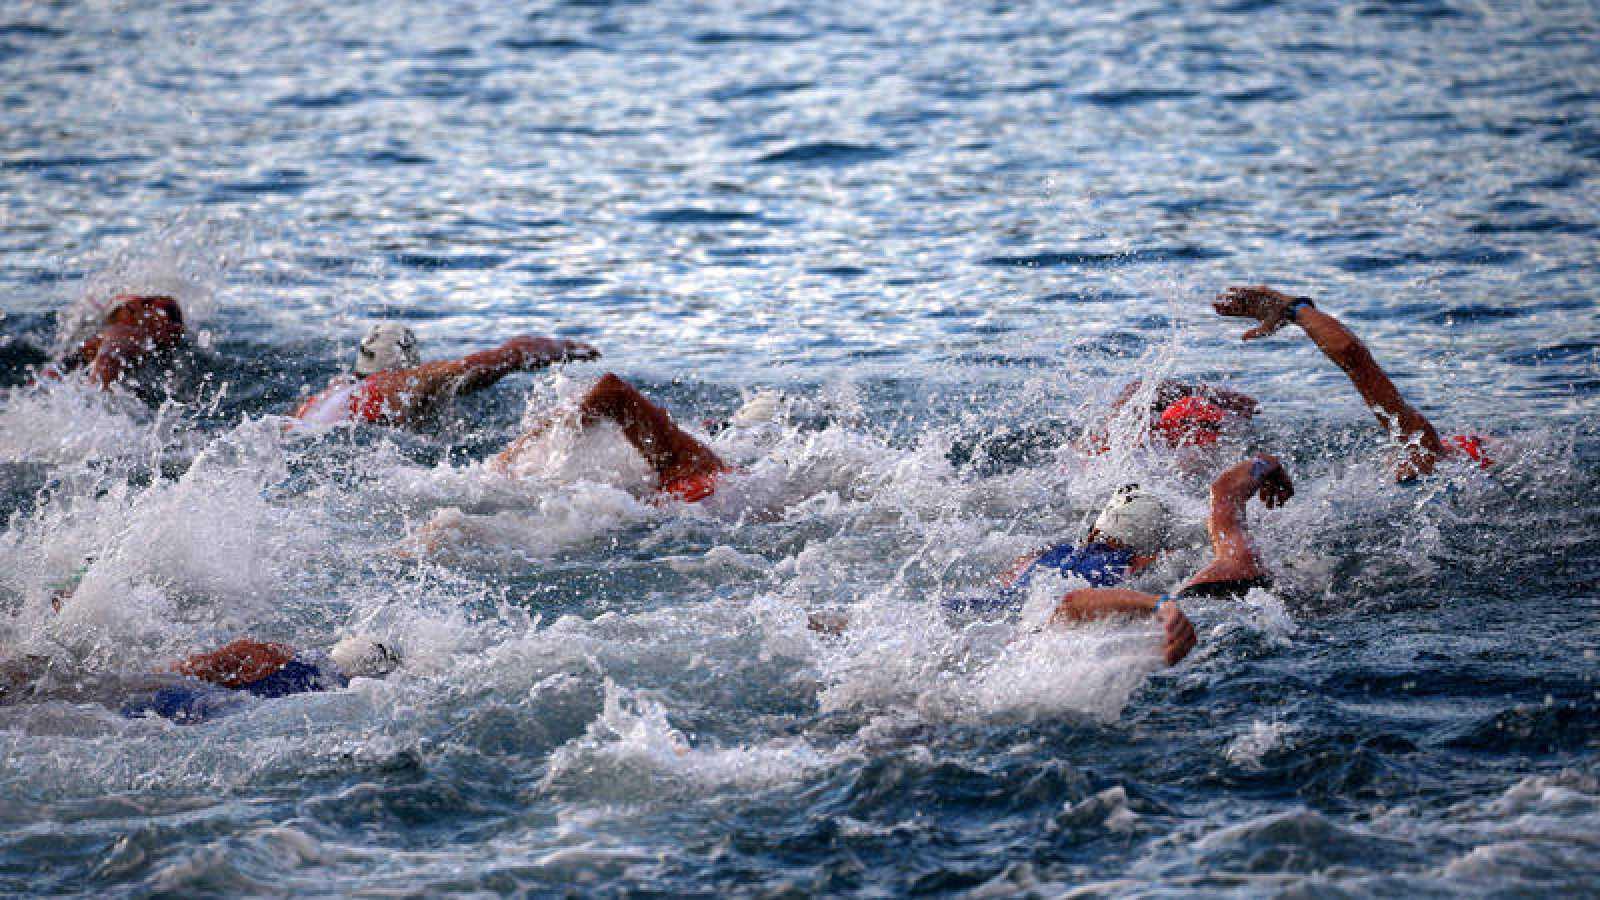 Imagen de la prueba de natación profesional del Mundial de Ironman de Kona.